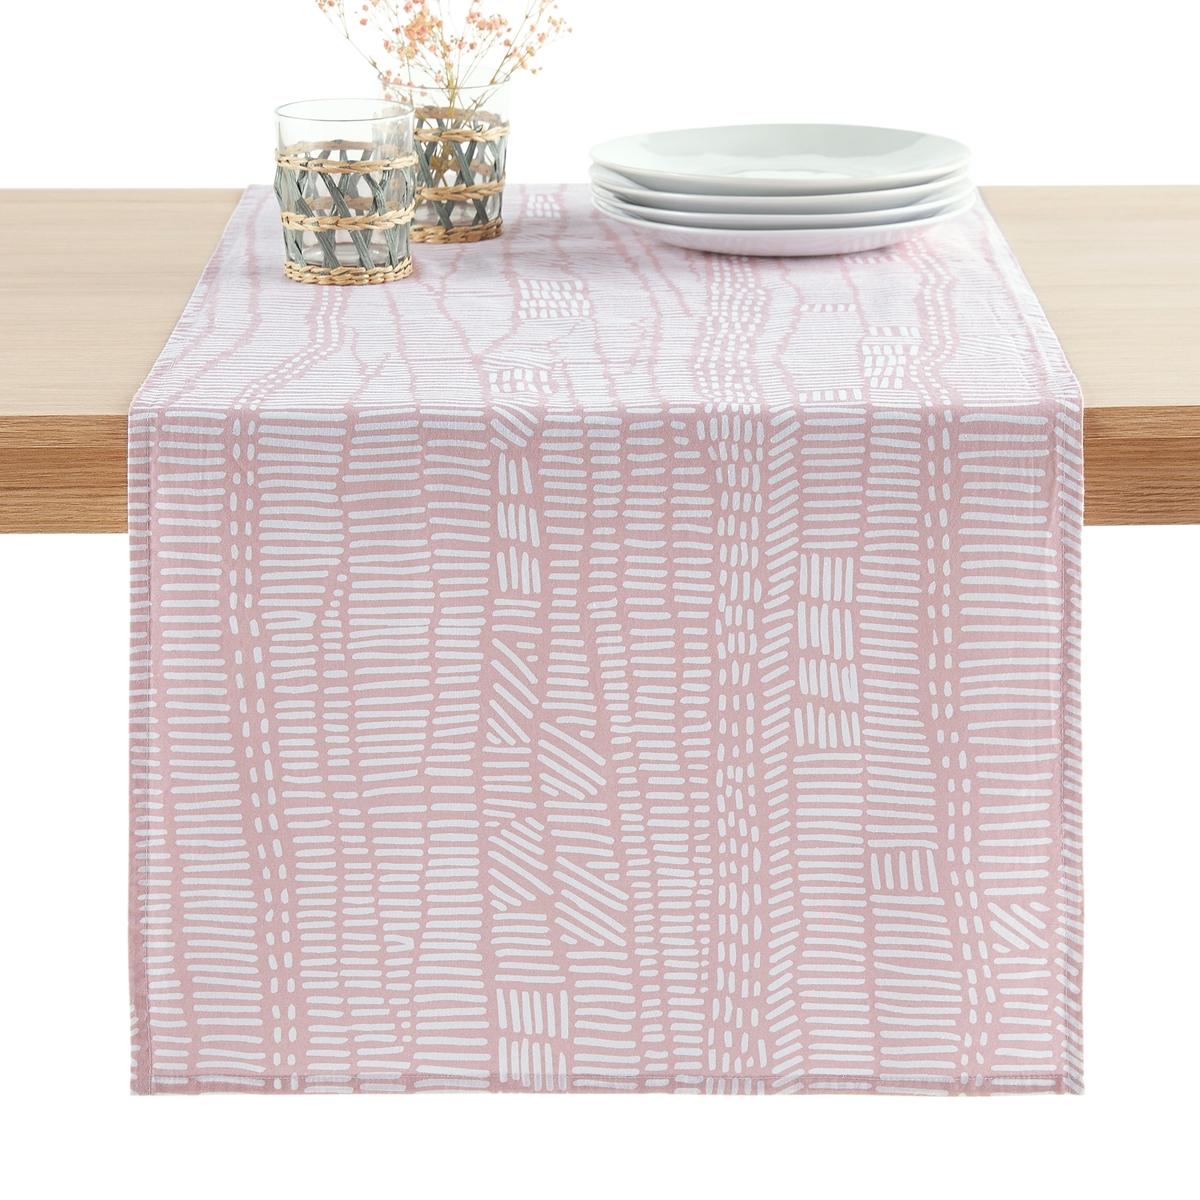 цена Дорожка La Redoute Столовая из стираного хлопка с принтом Tamao 45 x 150 см розовый онлайн в 2017 году